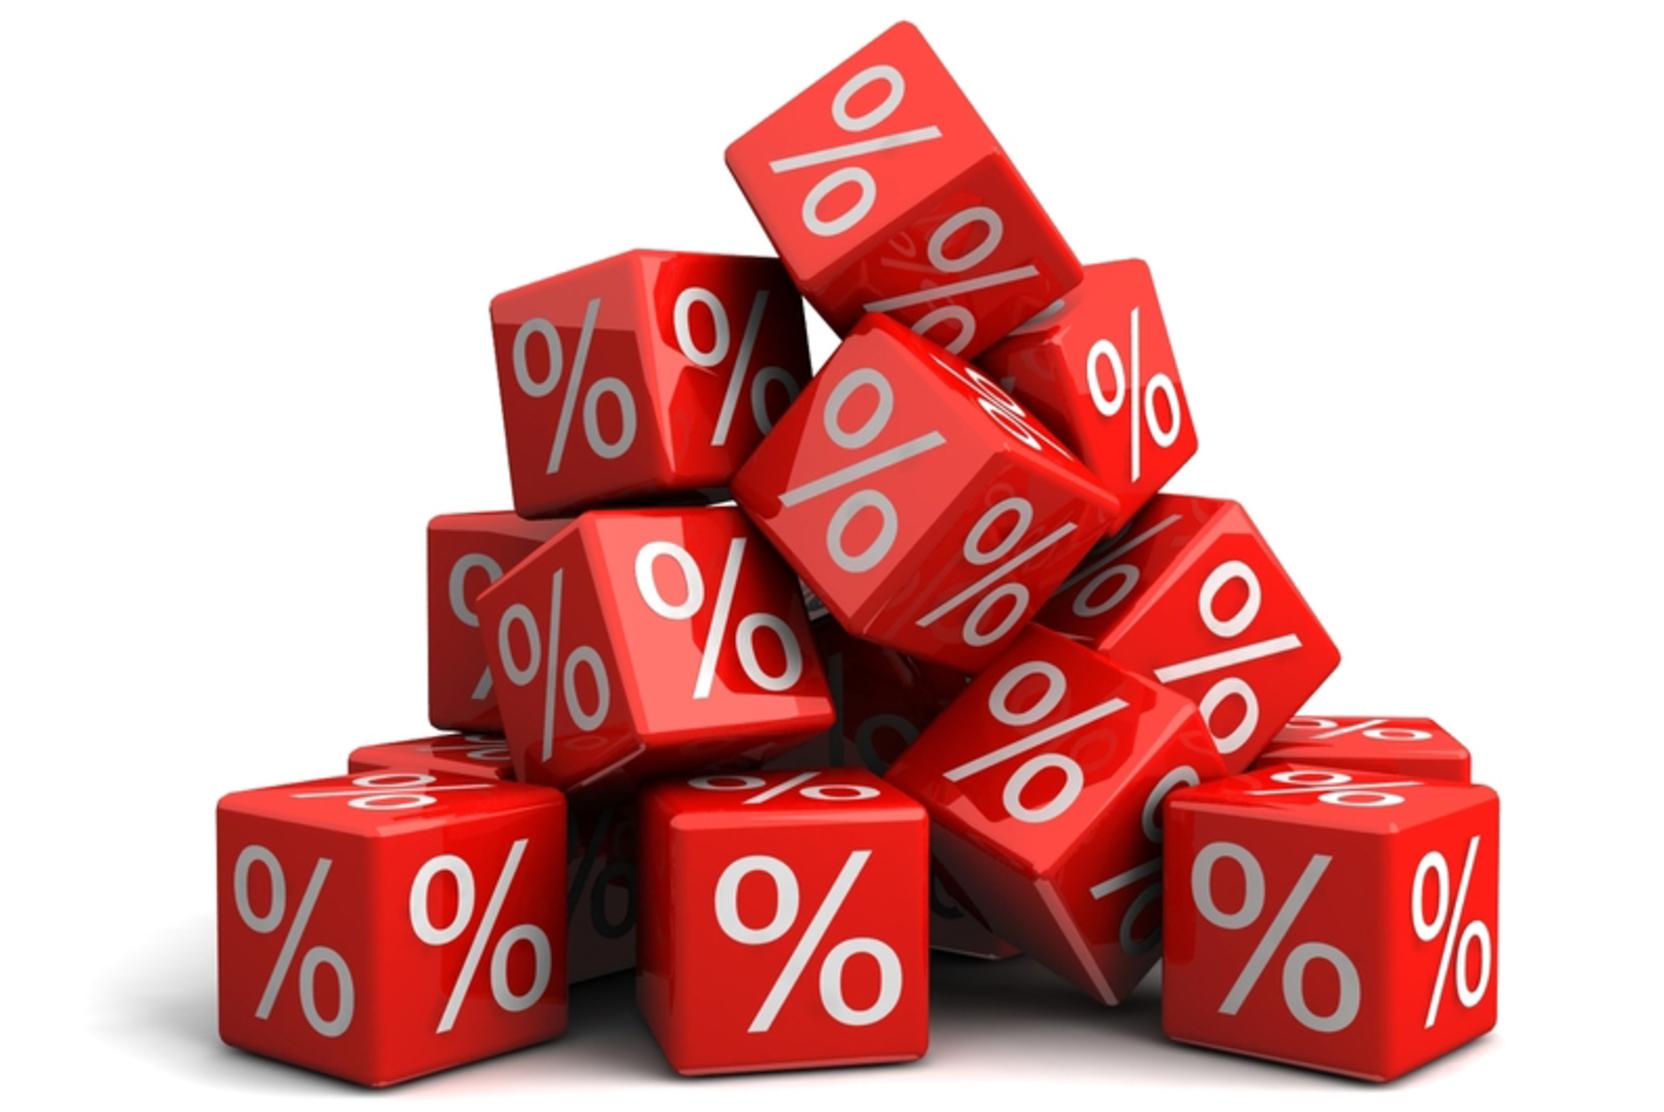 Банкир посоветовал, как заключить выгодный кредитный договор